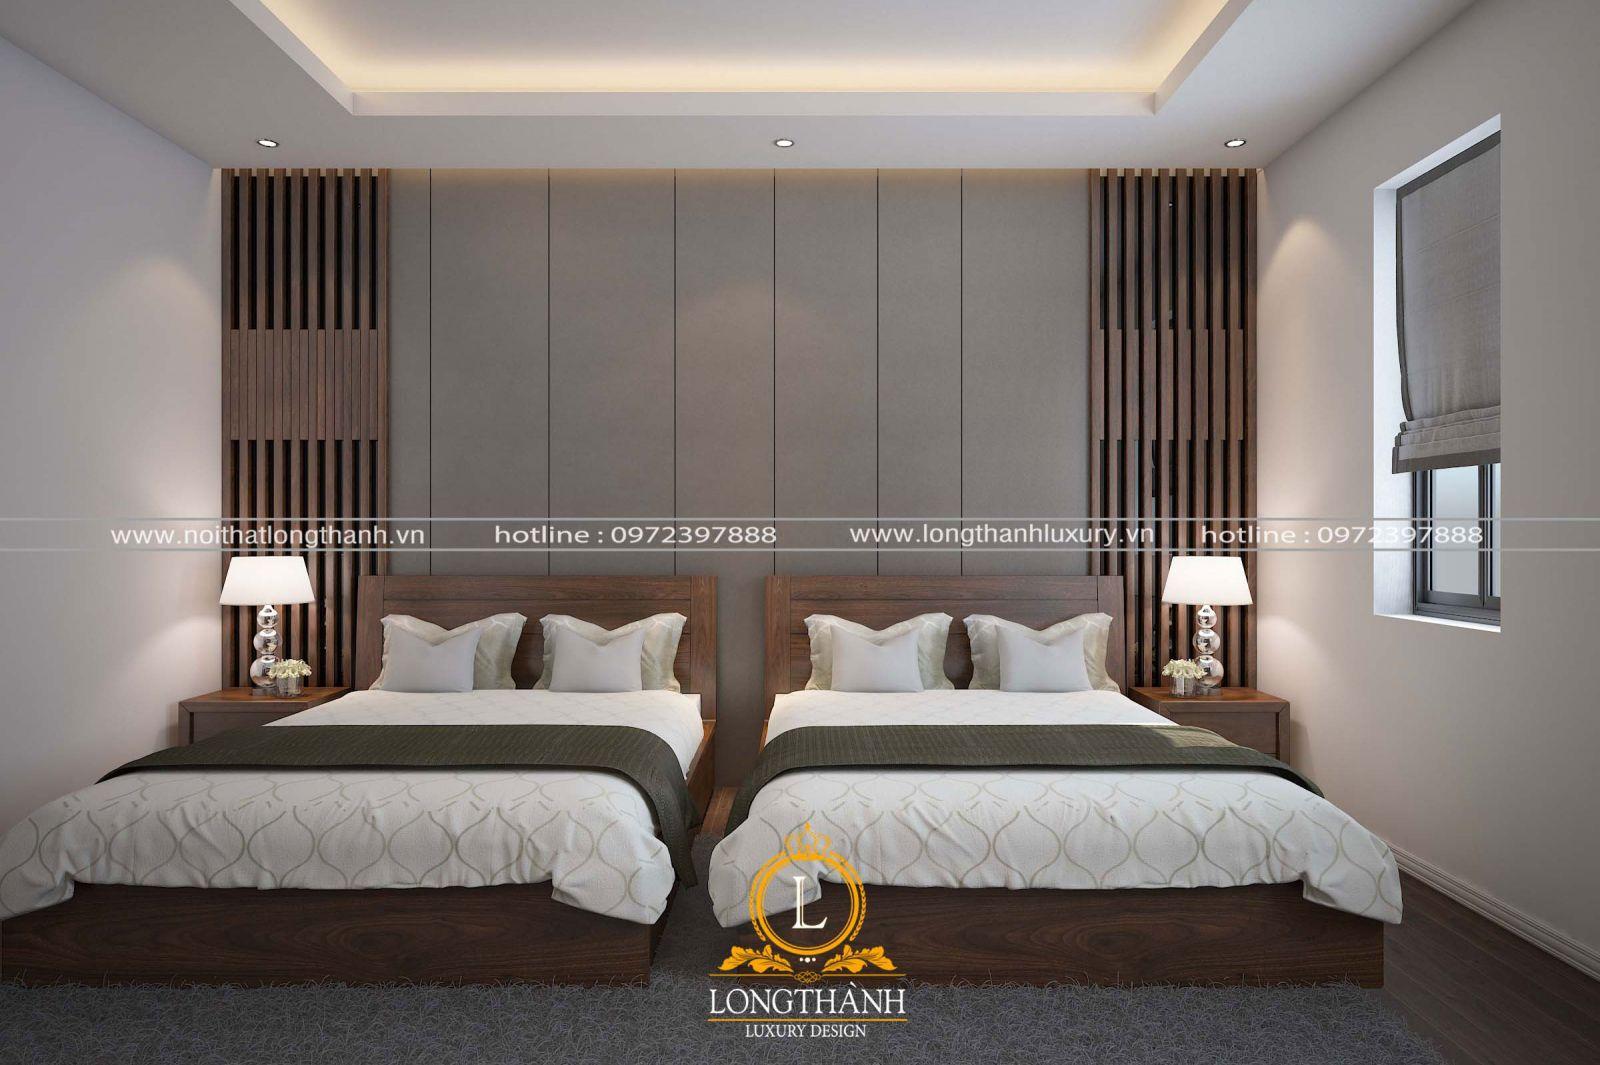 Mẫu phòng ngủ đôi cao cấp cho không gian khiêm tốn